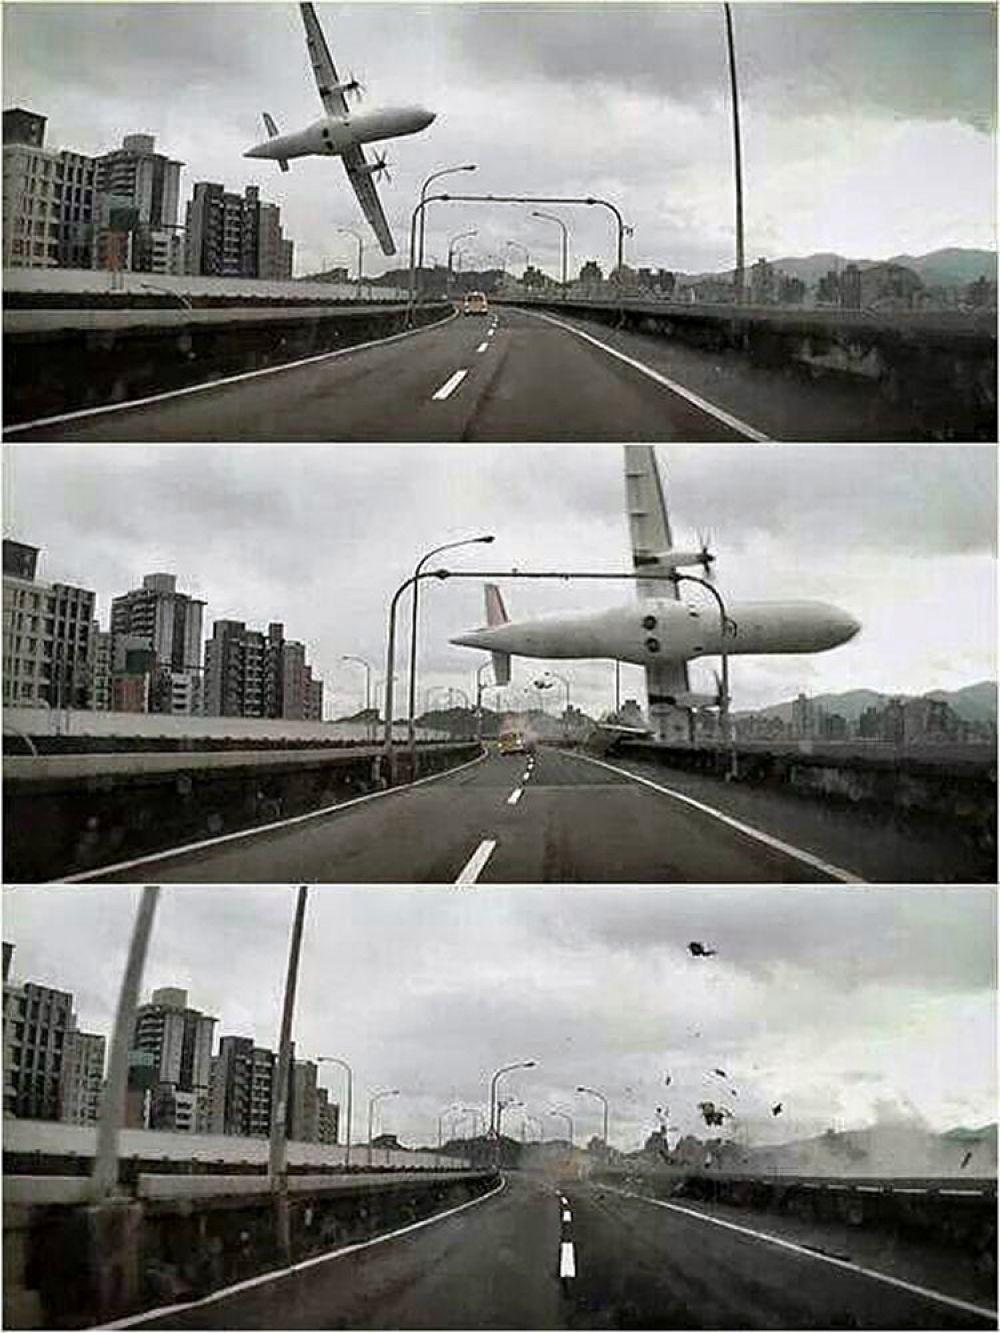 Турбовинтовой самолет ATR 72-600, на борту которого находилось 53 человека (включая пассажиров и членов экипажа), упал в реку недалеко от столицы Тайбэя через несколько минут после взлета из аэропорта, задев крылом автомобильную эстакаду и машину такси на ней. Самолет совершал внутренний рейс из Тайбэя на острова архипелага Цзиньмэнь.